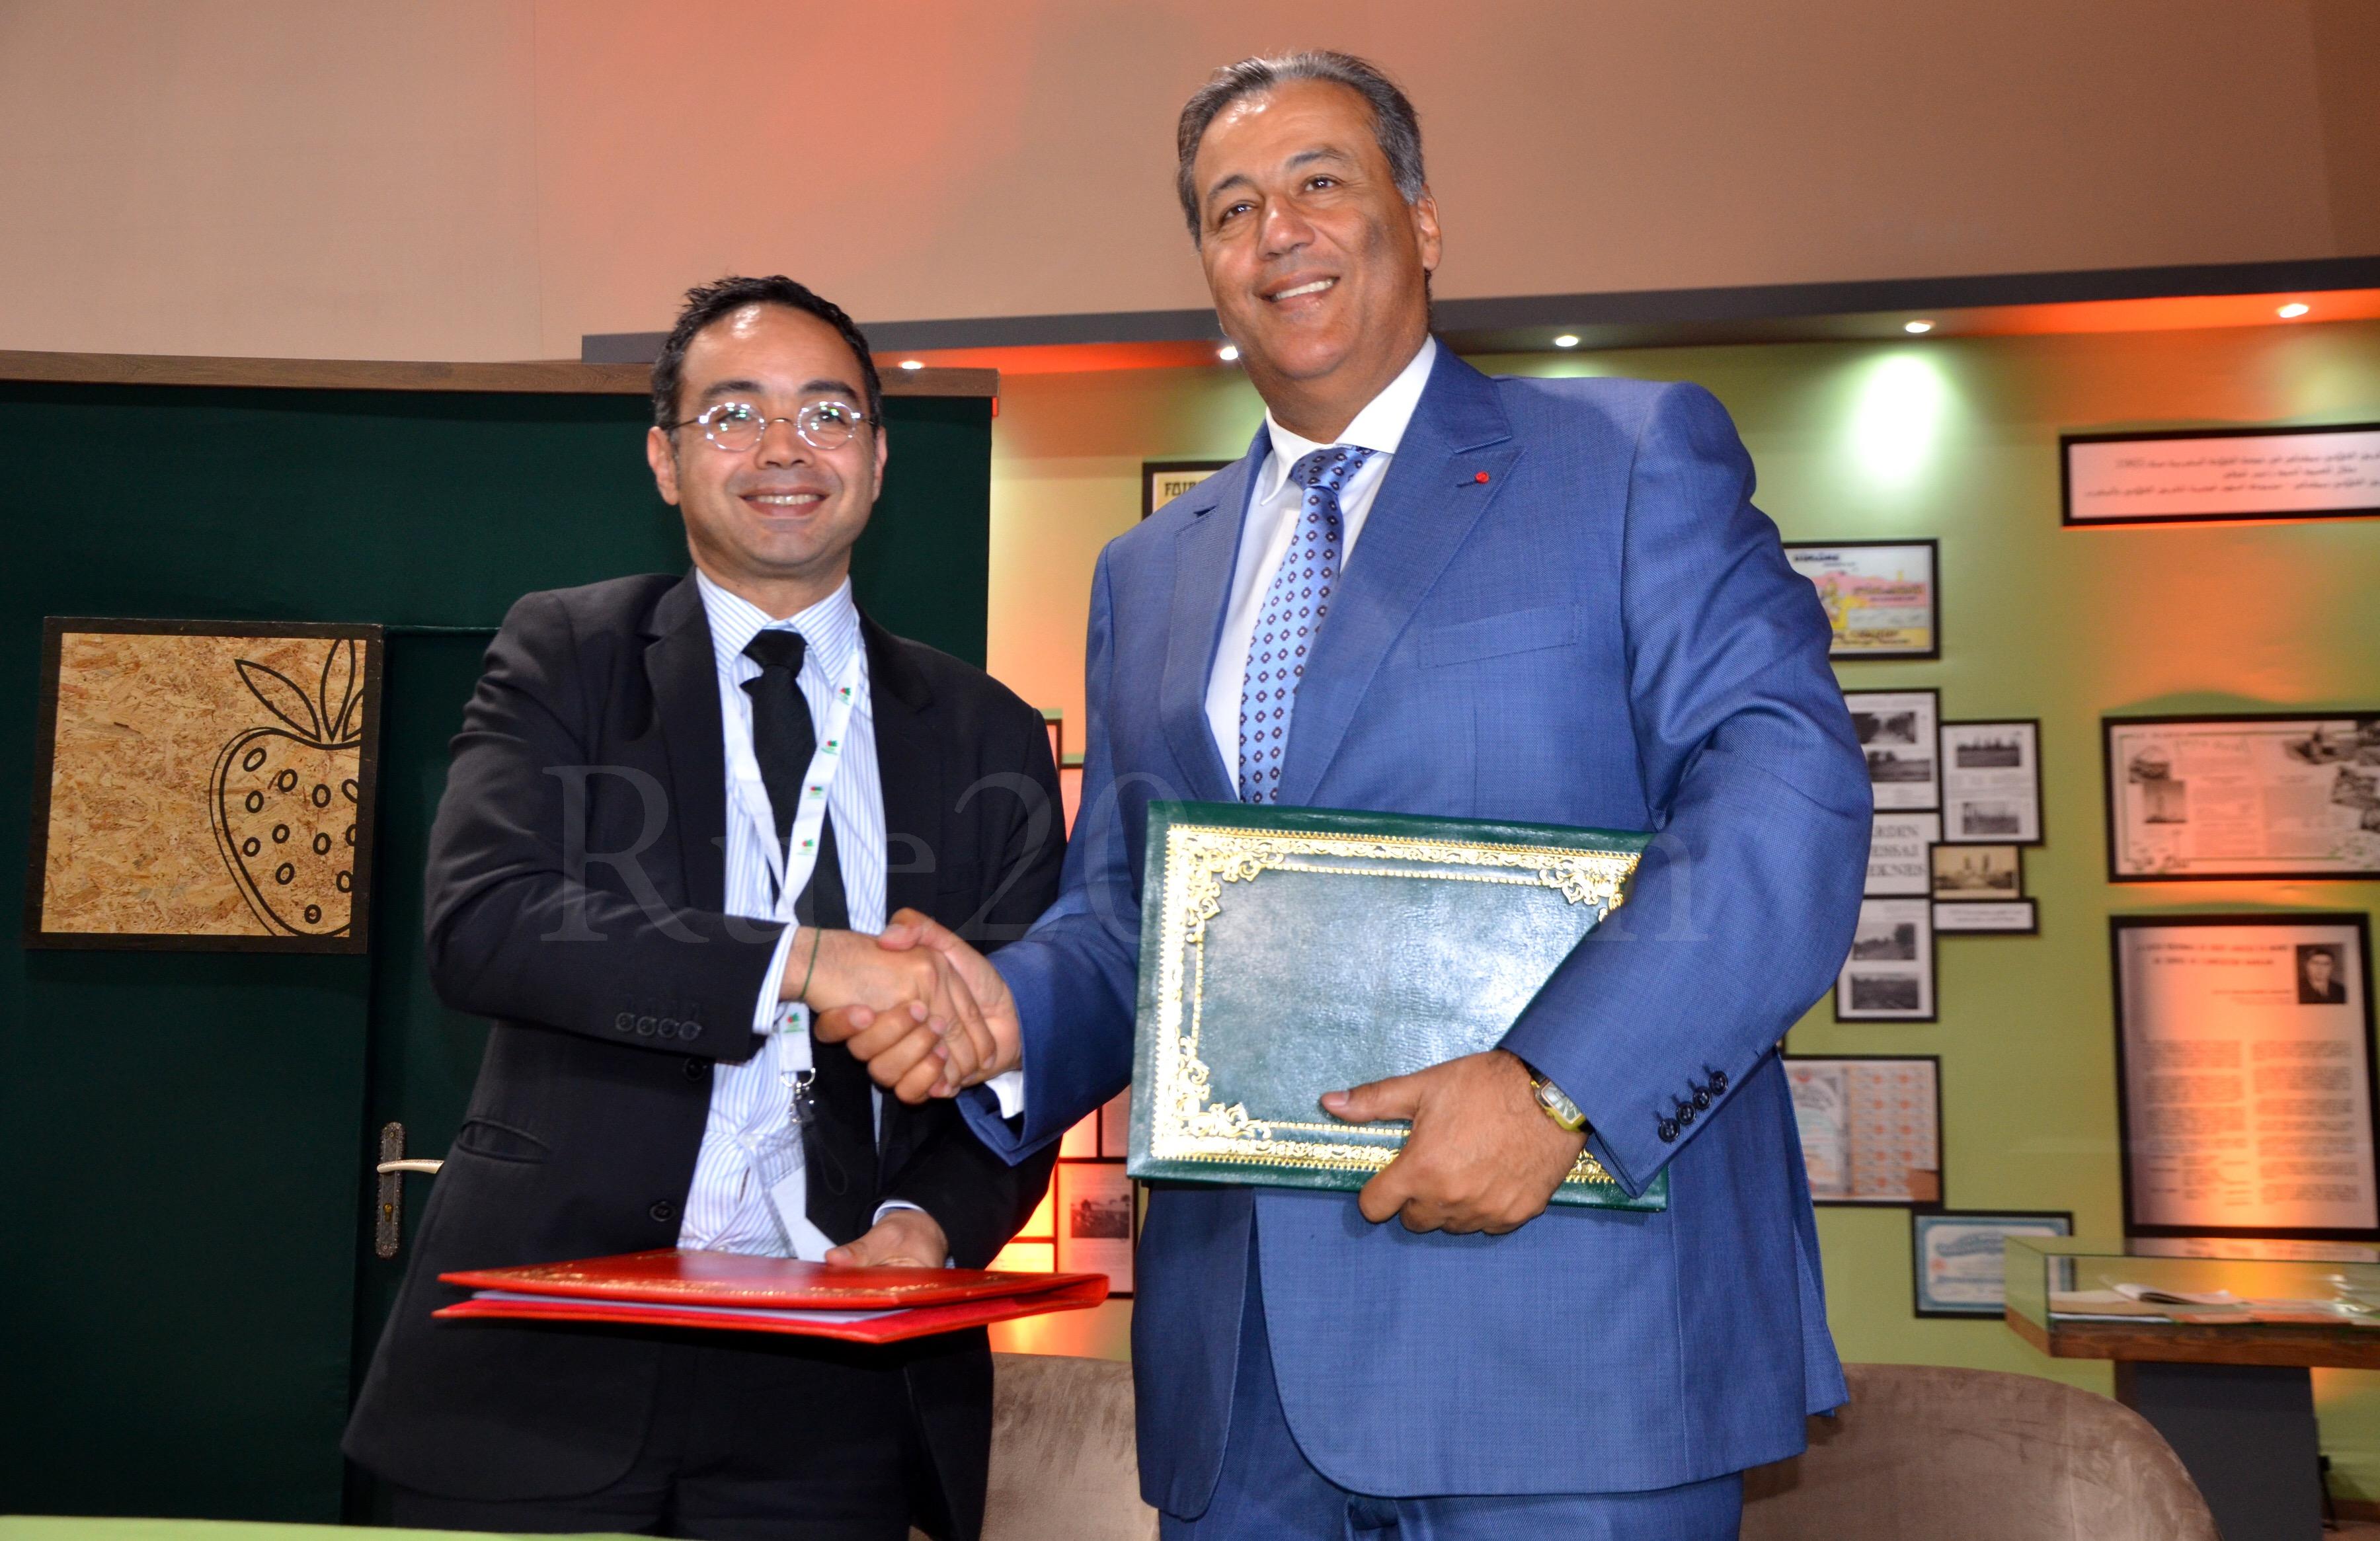 التوقيع بمكناس على إتفاقية تمويل إستثمارات التنمية المستدامة بين القرض الفلاحي والوكالة الفرنسية للتنمية